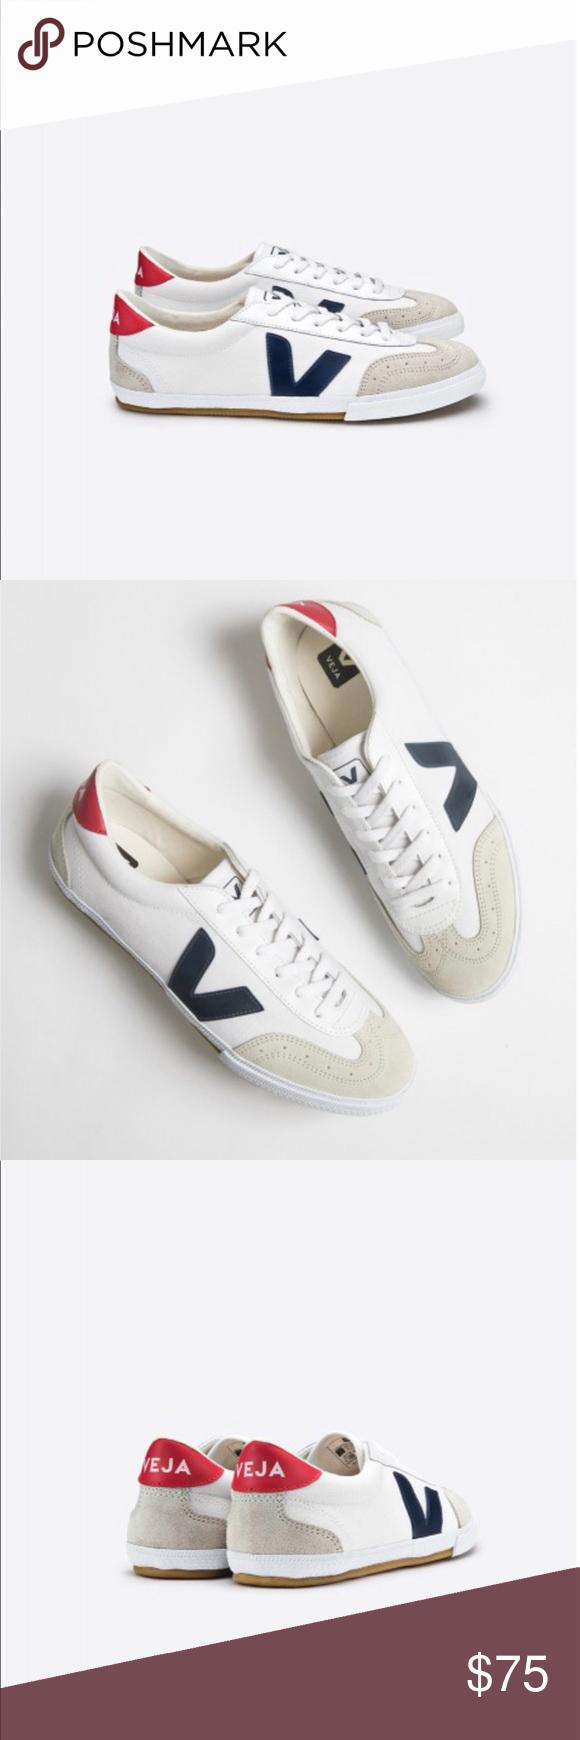 Veja Sneakers Size 40 | Sneakers, Veja